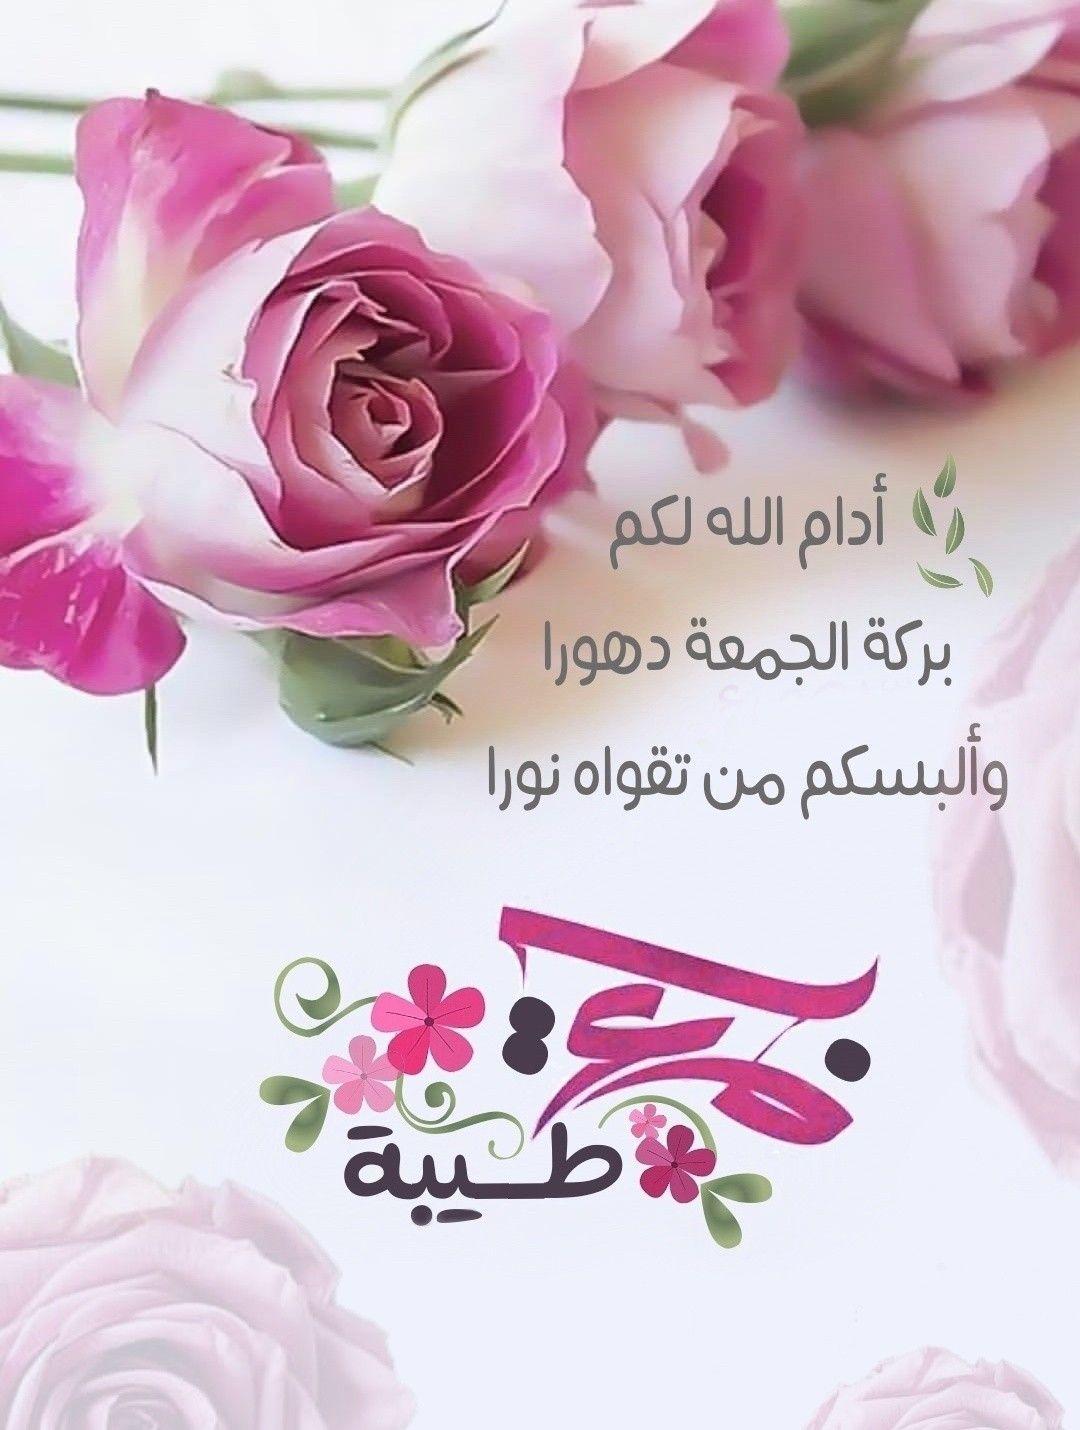 ادعية يوم الجمعة المستجابة Floral Wallpaper Phone Beautiful Morning Messages Good Prayers